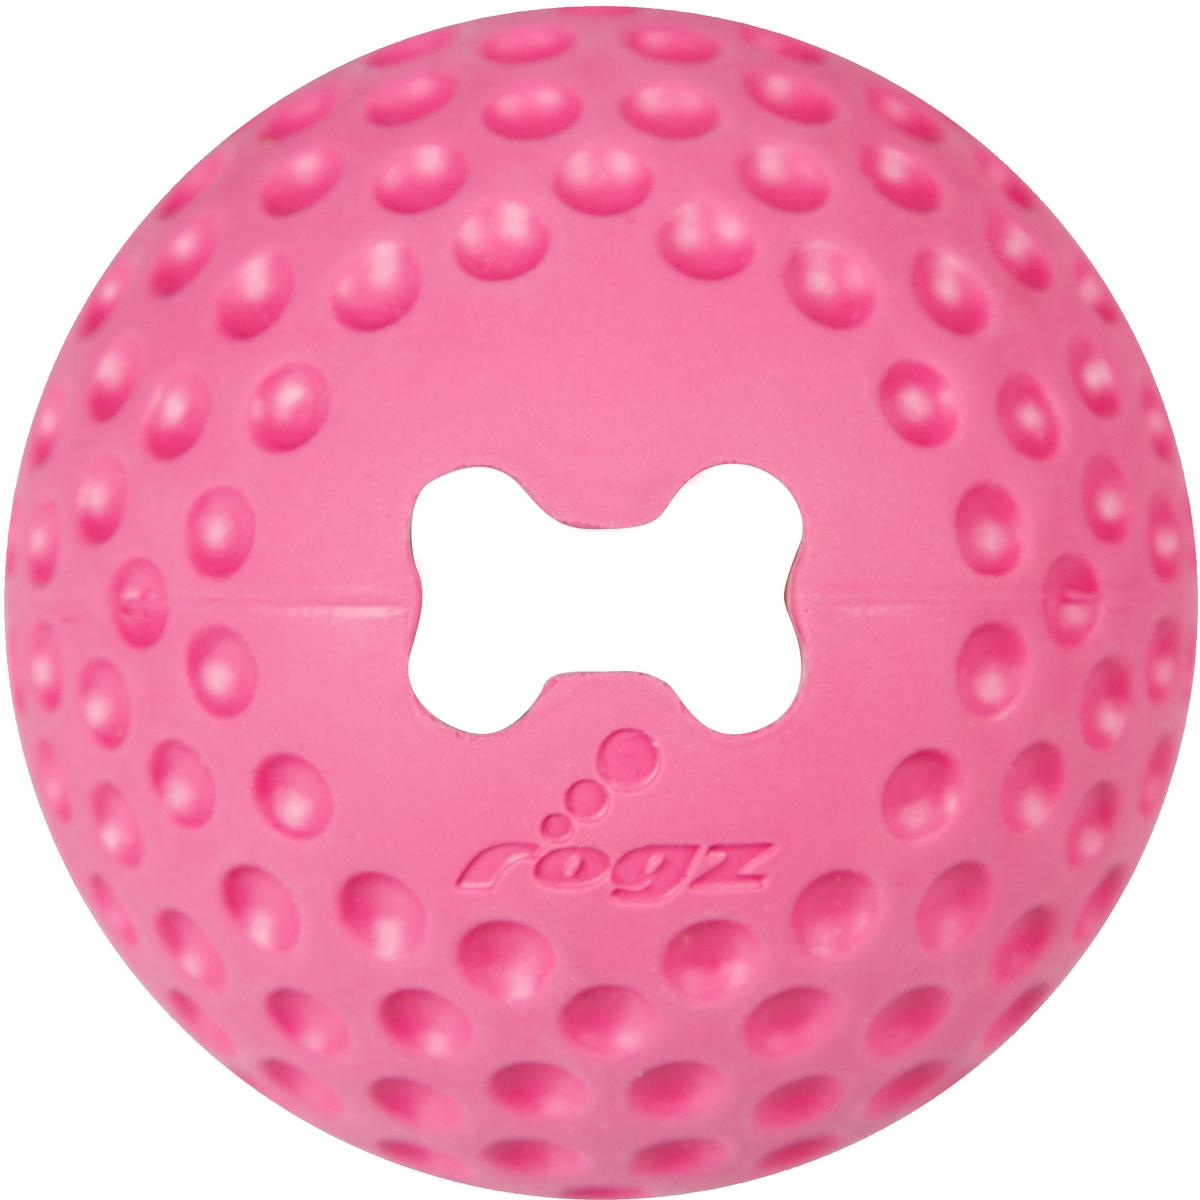 Игрушка для собак Rogz Gumz, с отверстием для лакомства, цвет: розовый, диаметр 6,4 смGU02KИгрушка для собак Rogz Gumz тренирует жевательные мышцы и массирует десны собаке. Отлично подходит для дрессировки, так как есть отверстие для лакомства.Отлично подпрыгивает при играх.Занимательная игрушка выдерживает долгое жевание и разгрызание. Материал изделия: 85 % натуральной резины, 15 % синтетической резины. Не токсичен.